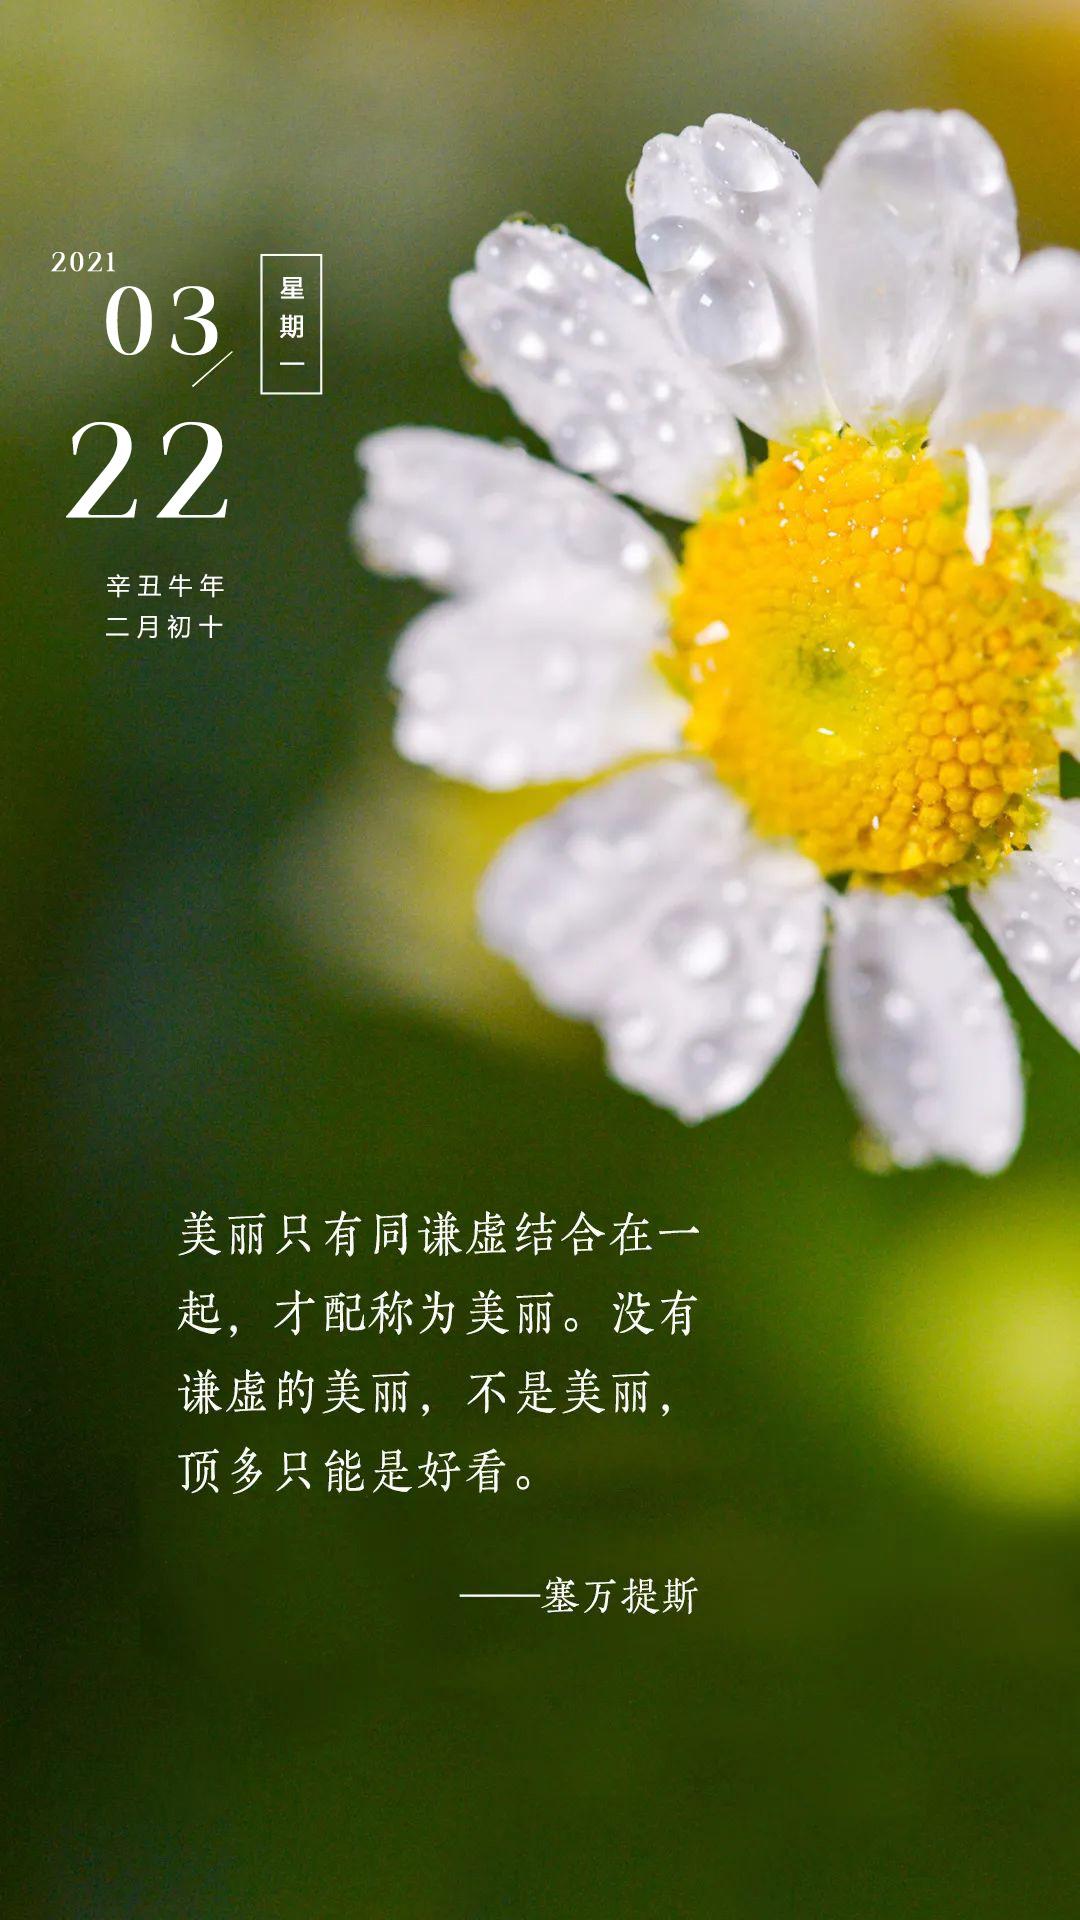 新周正能量早安心语图片带字,周一励志奋斗句子